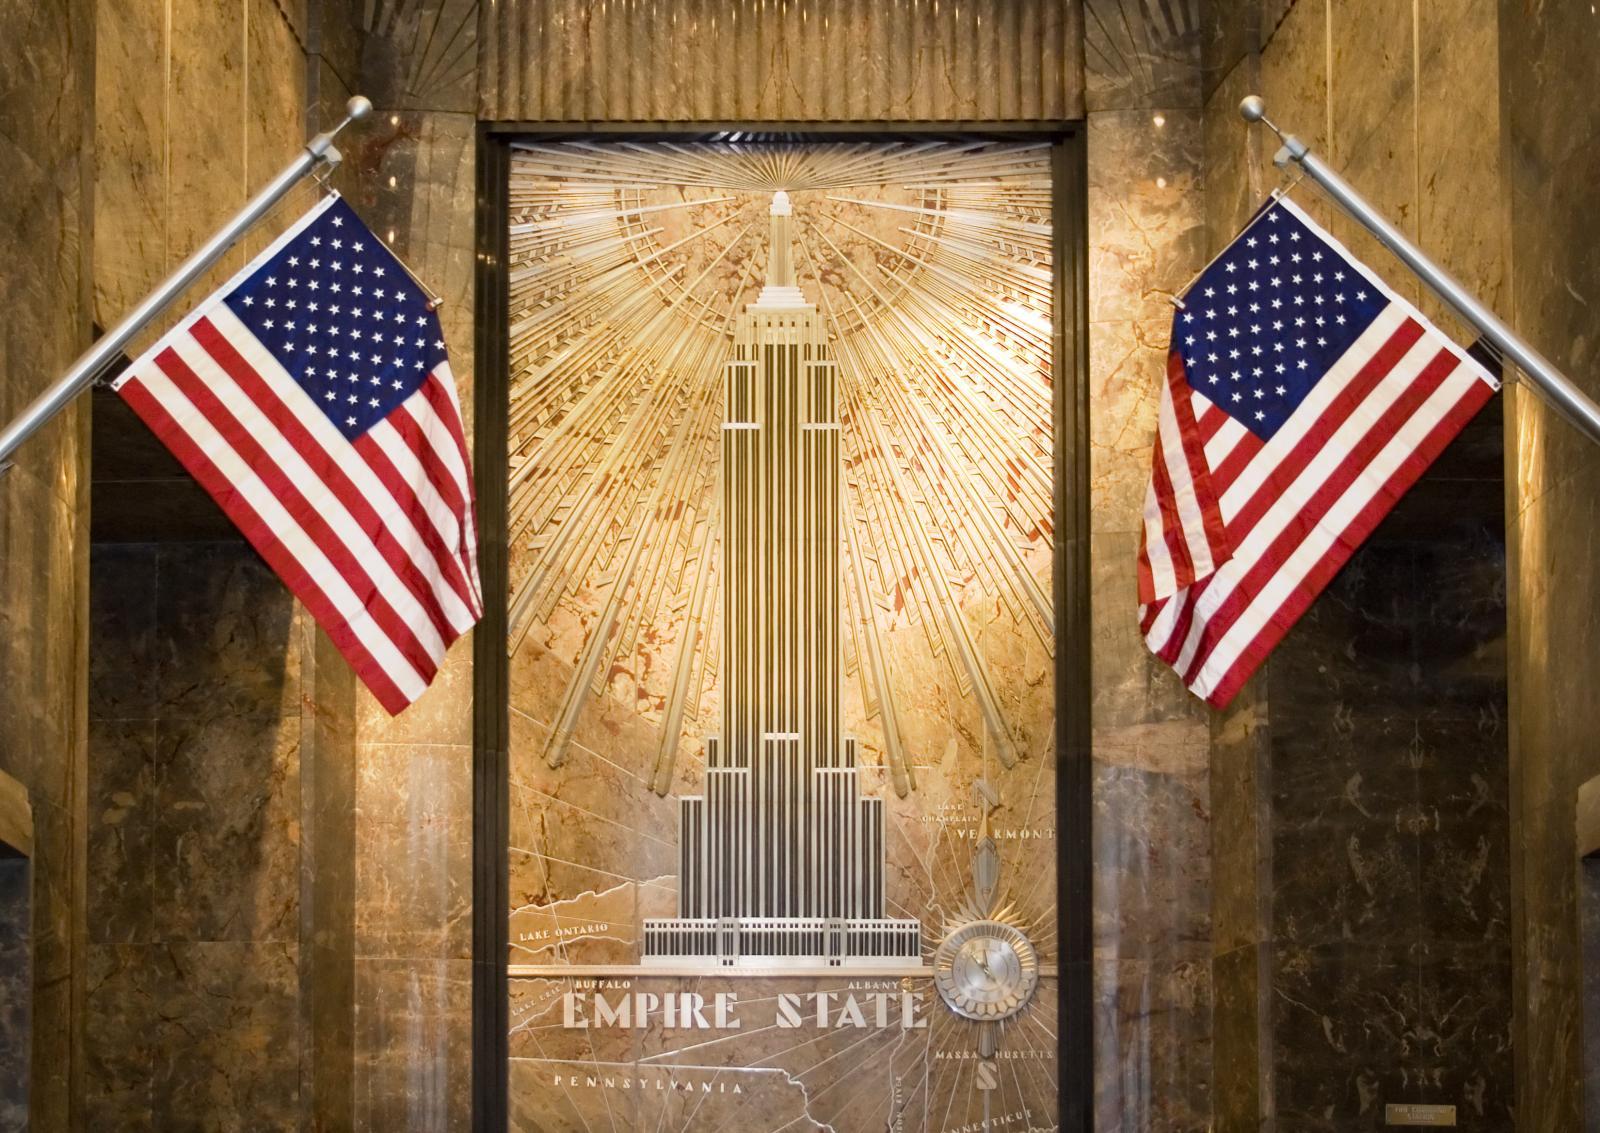 Entrada al edificio empire state de Nueva York